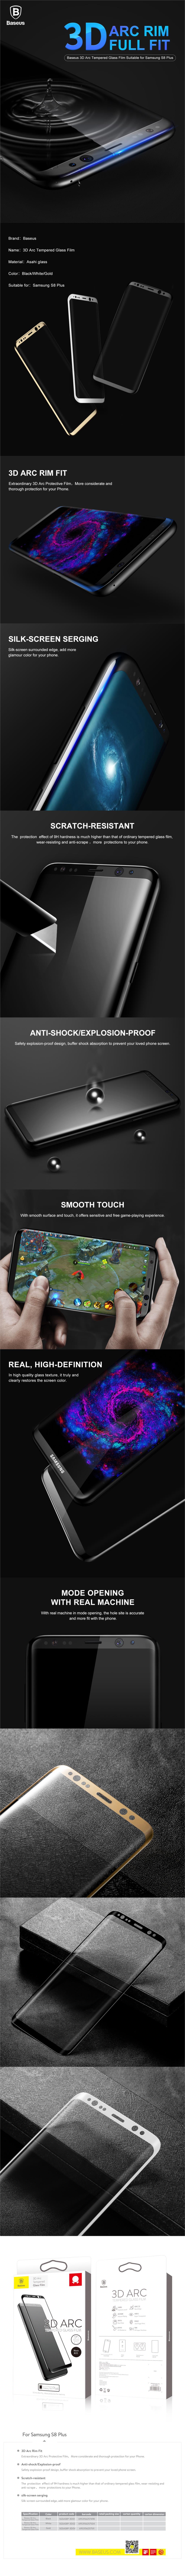 Защитное закаленное стекло Baseus Premium 3D Arc для samsung Galaxy S8 защитная пленка Plus|защитное aeProduct.getSubject()